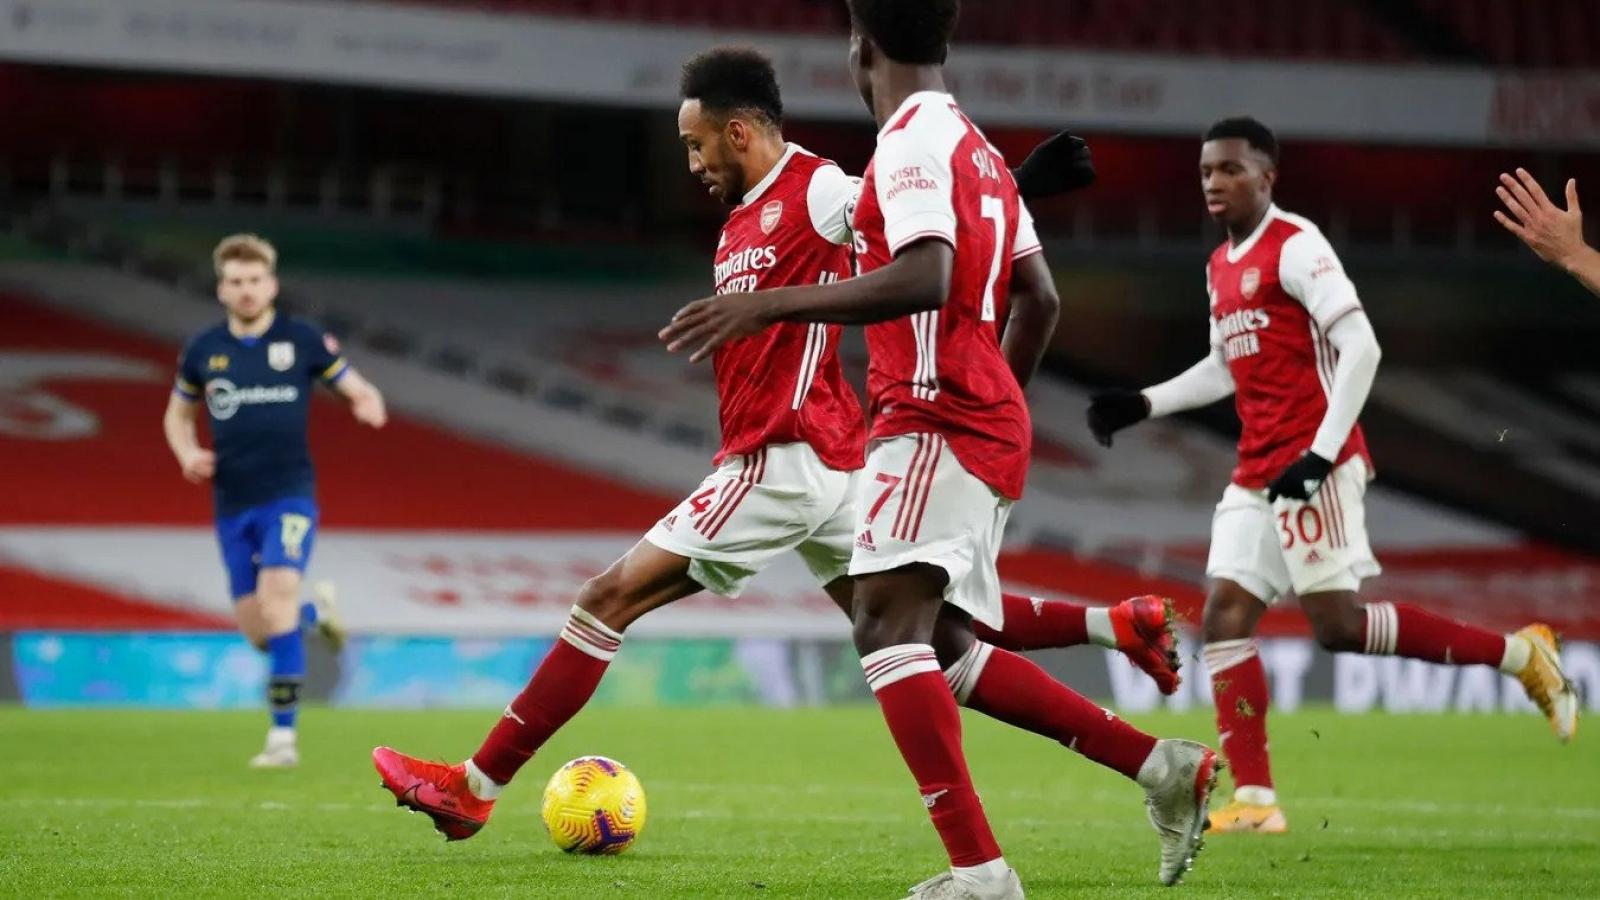 Aubameyang giải cơn khát bàn thắng, Arsenal vẫn không có 3 điểm